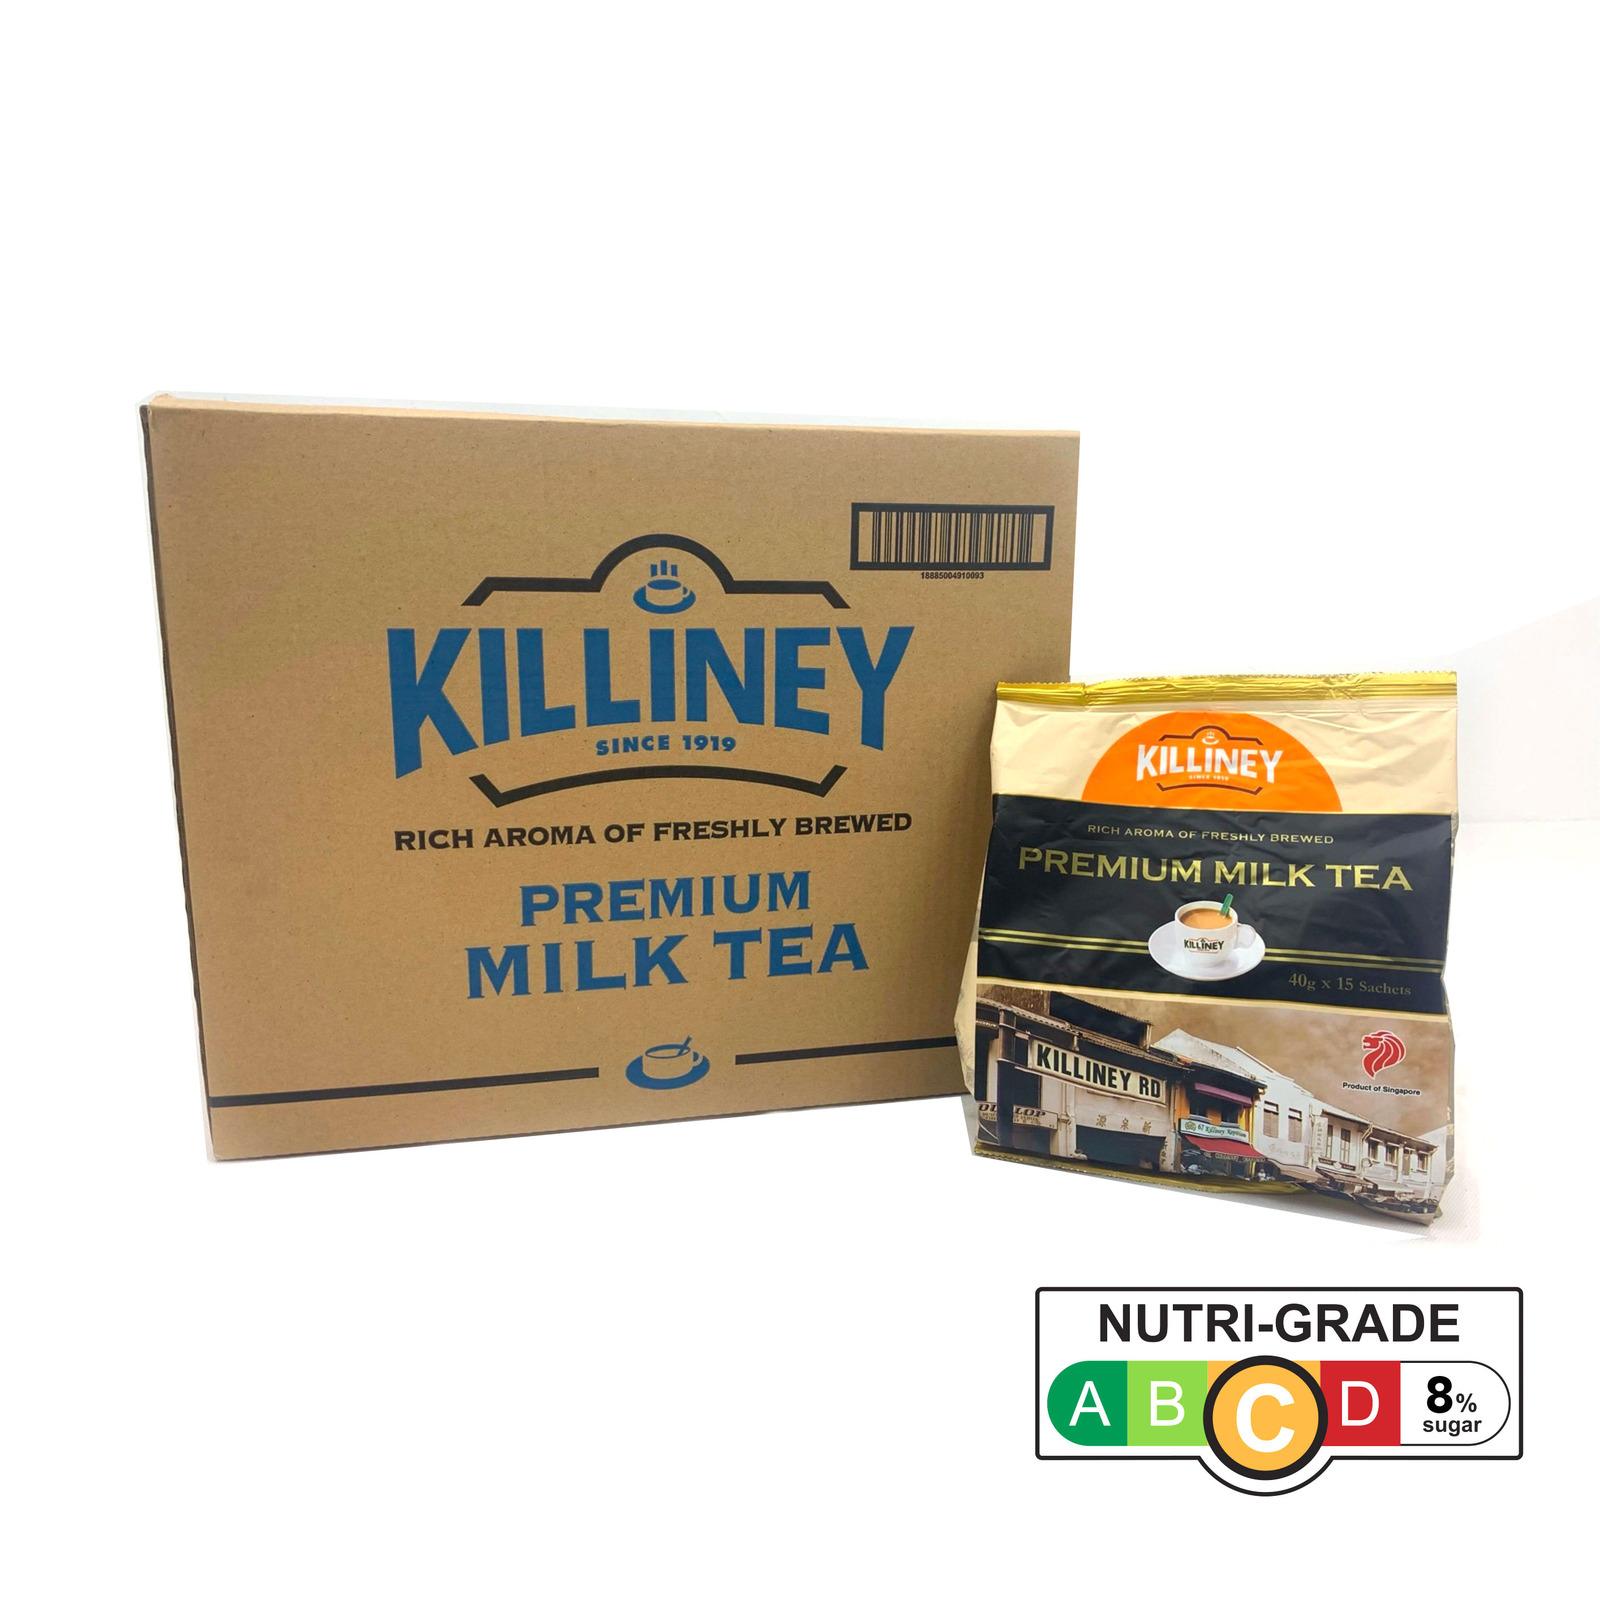 Killiney Premium Milk Tea